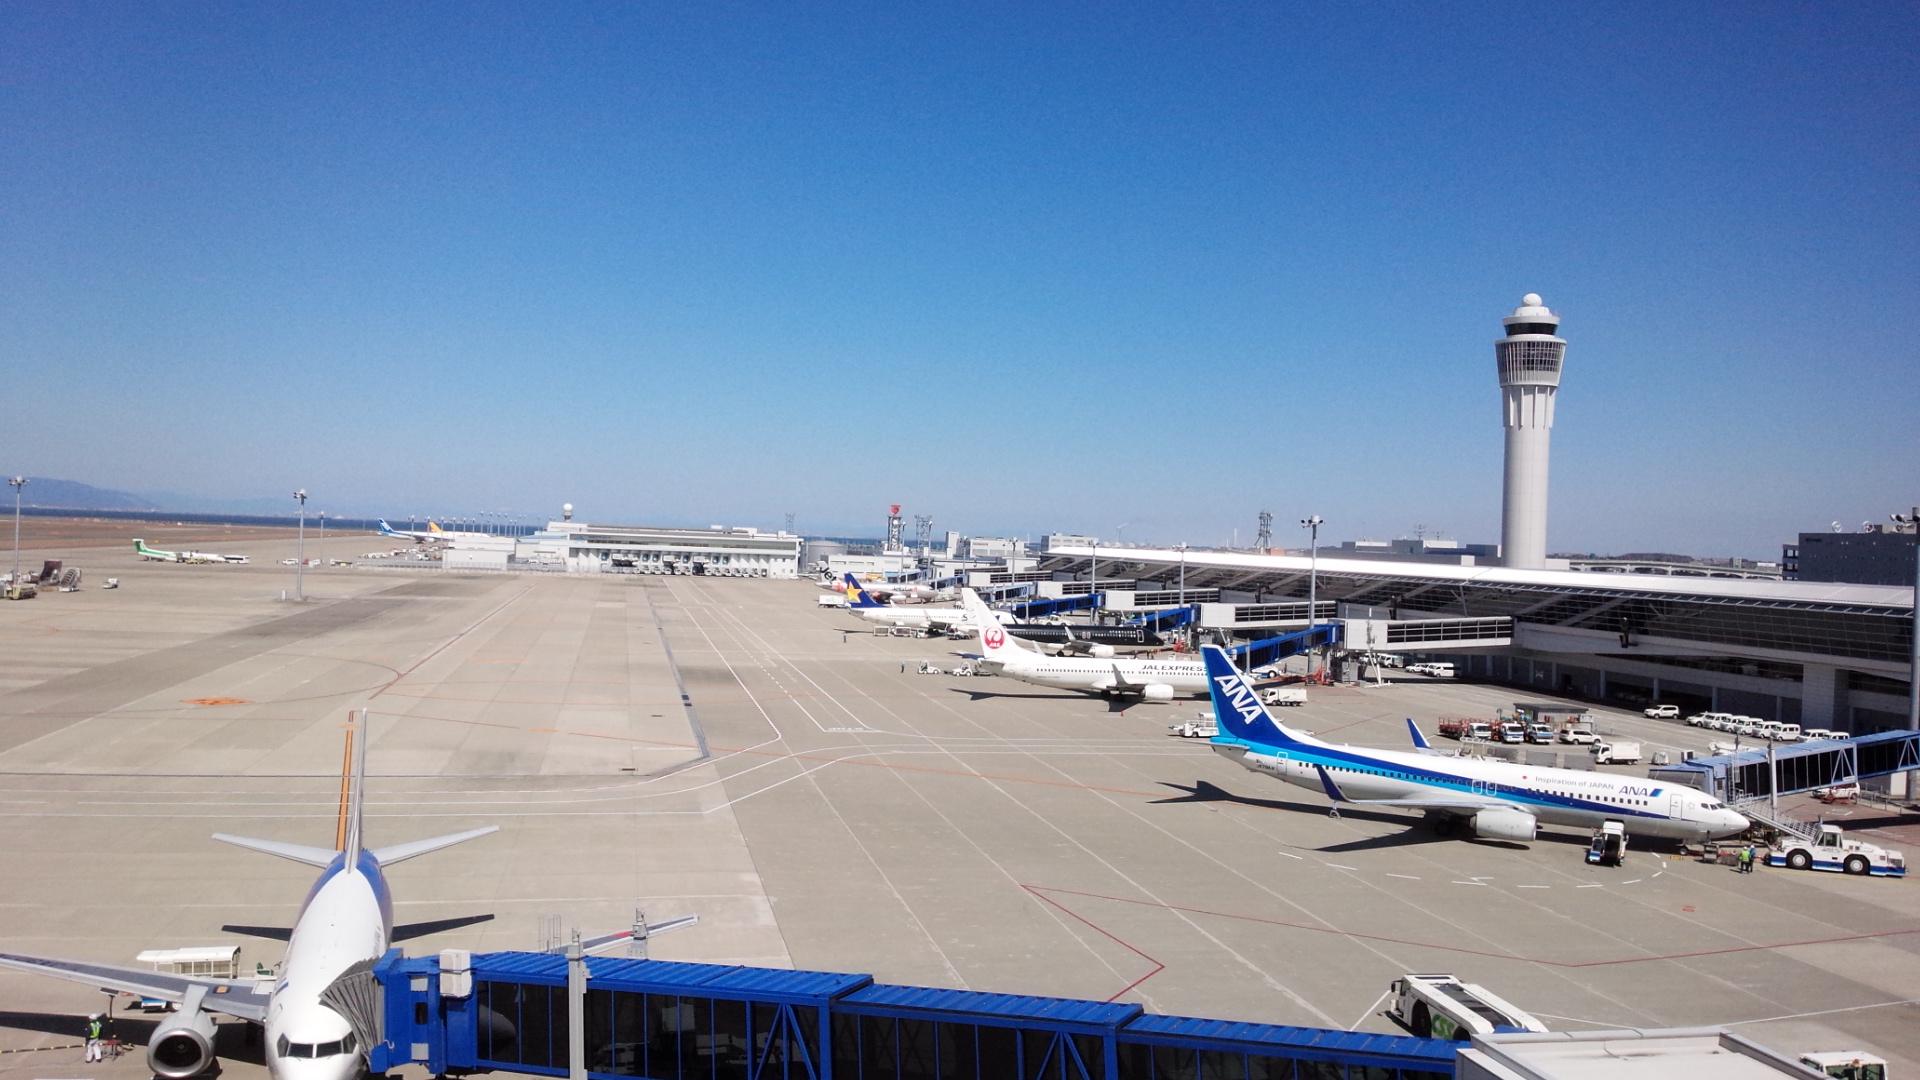 20160320_アンダラ3_中部国際空港セントレア